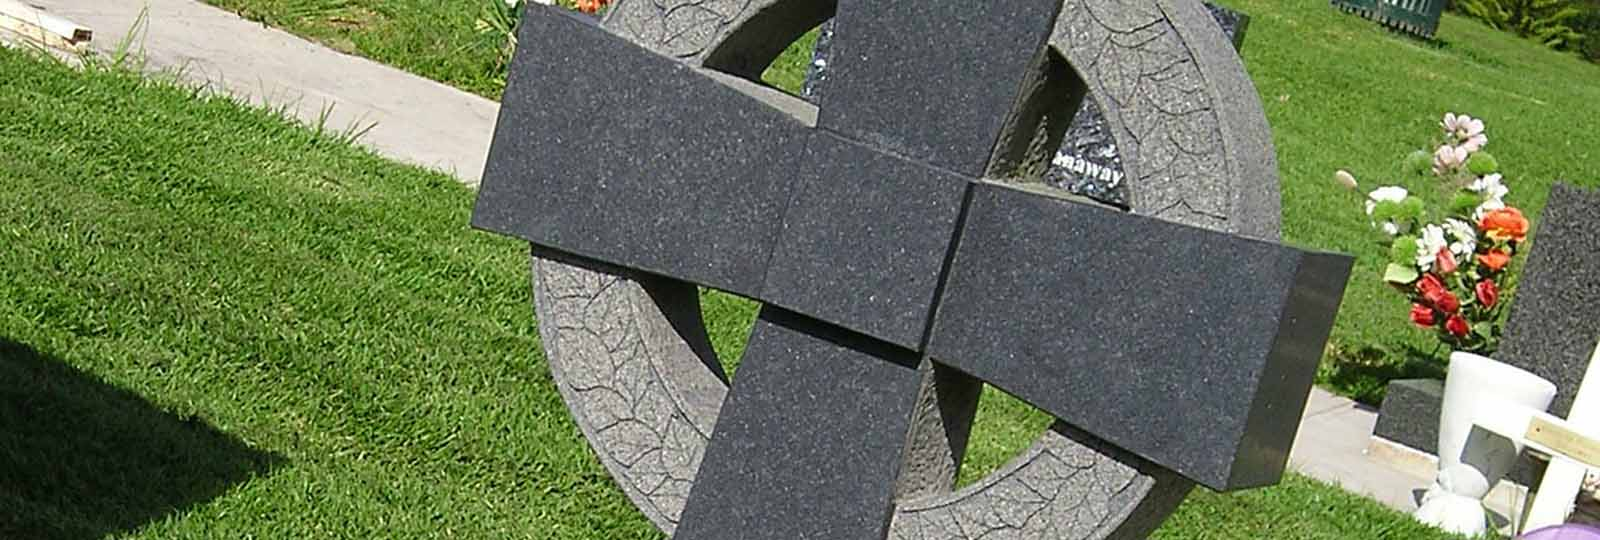 cross headstones and memorials